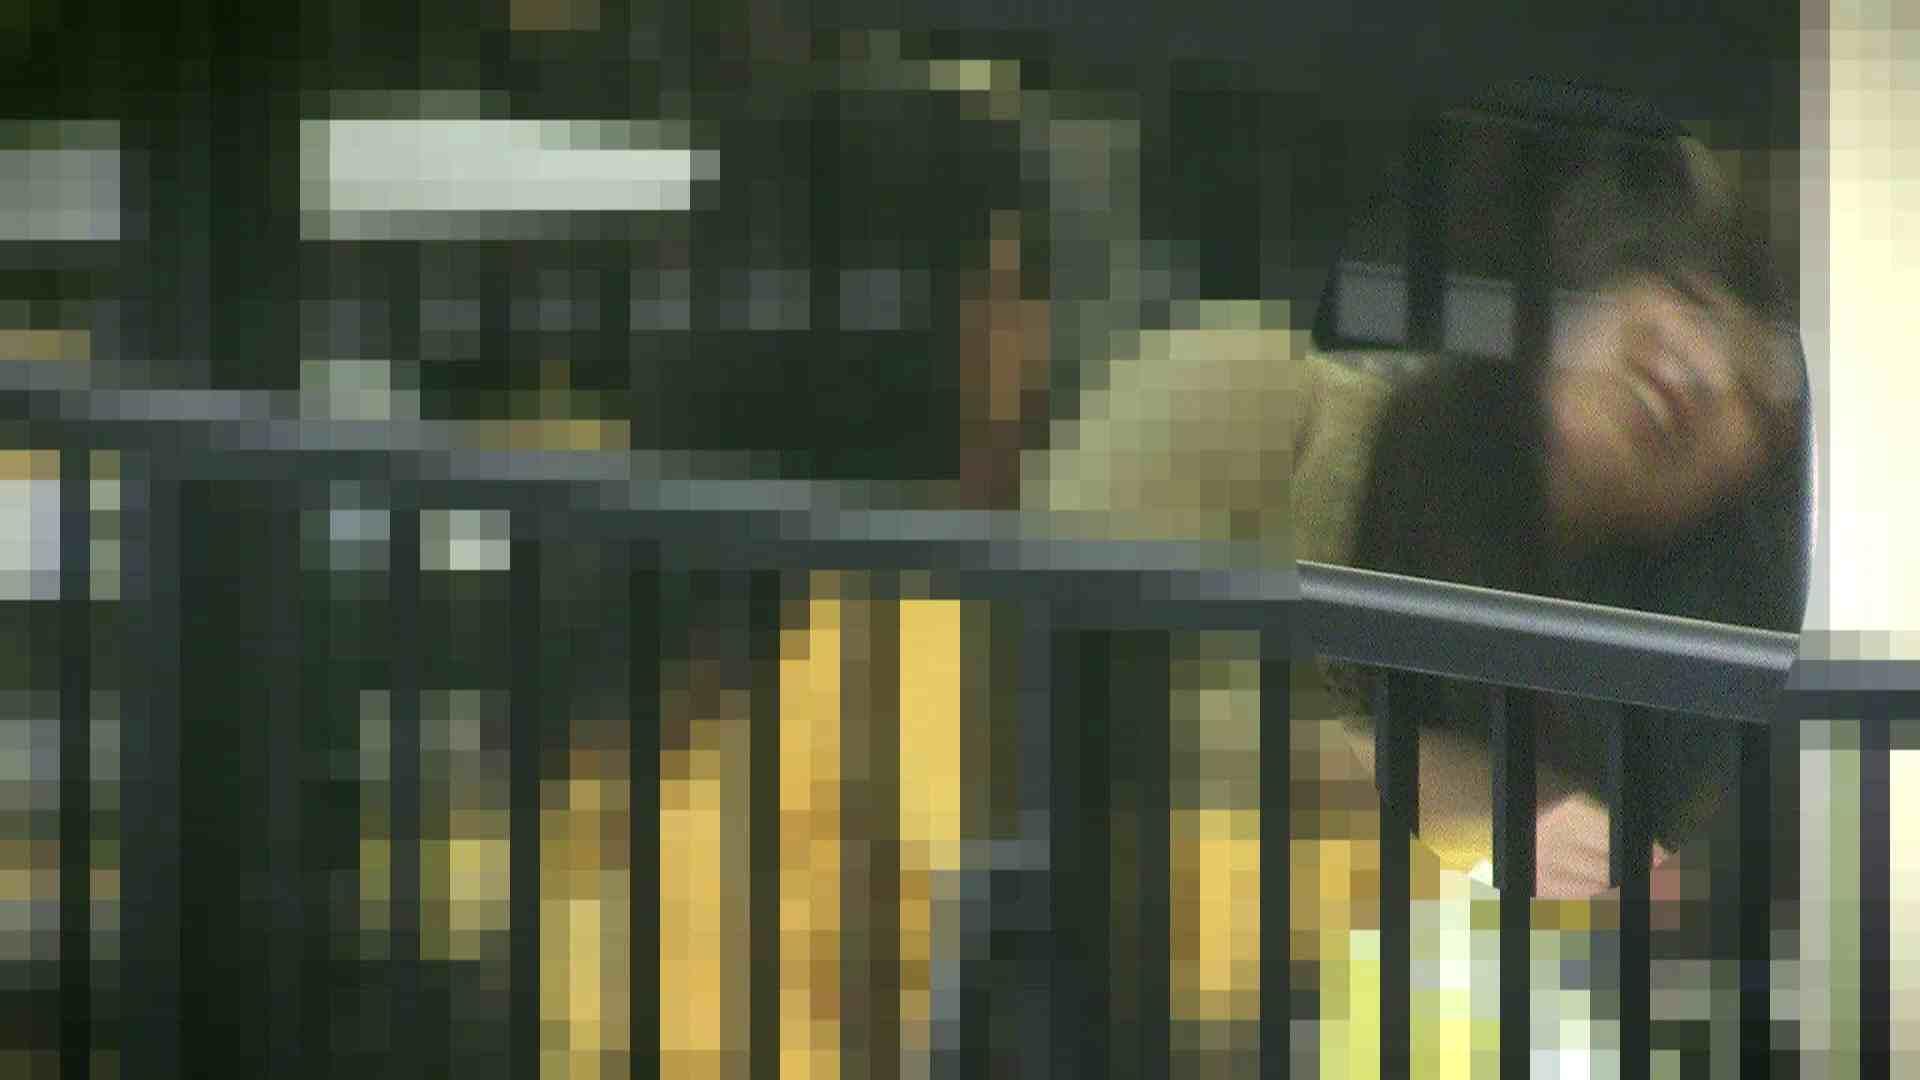 高画質露天女風呂観察 vol.006 乙女のエロ動画 濡れ場動画紹介 98PIX 94